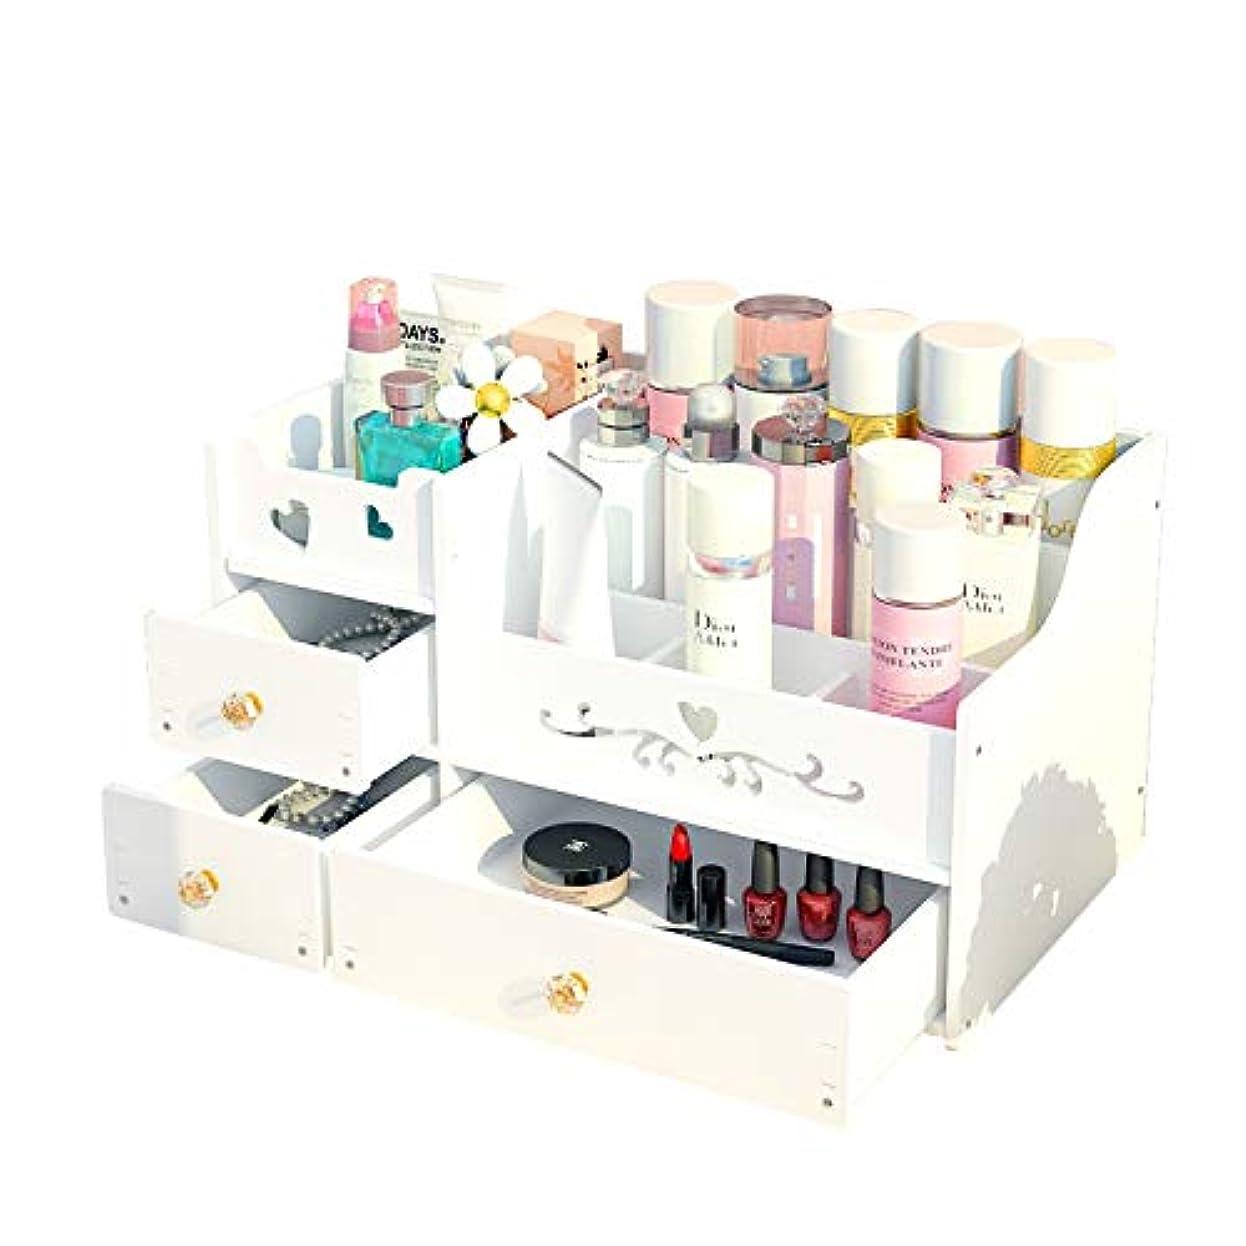 そばに測るぼかす化粧品収納 白 洗面所 ボックス 仕切り 大容量 組み立て メイクボックス コスメボックス 木製 卓上 DIY 整理 小物入れ 収納引き出し 化粧品収納ボックス コスメ収納ボックス